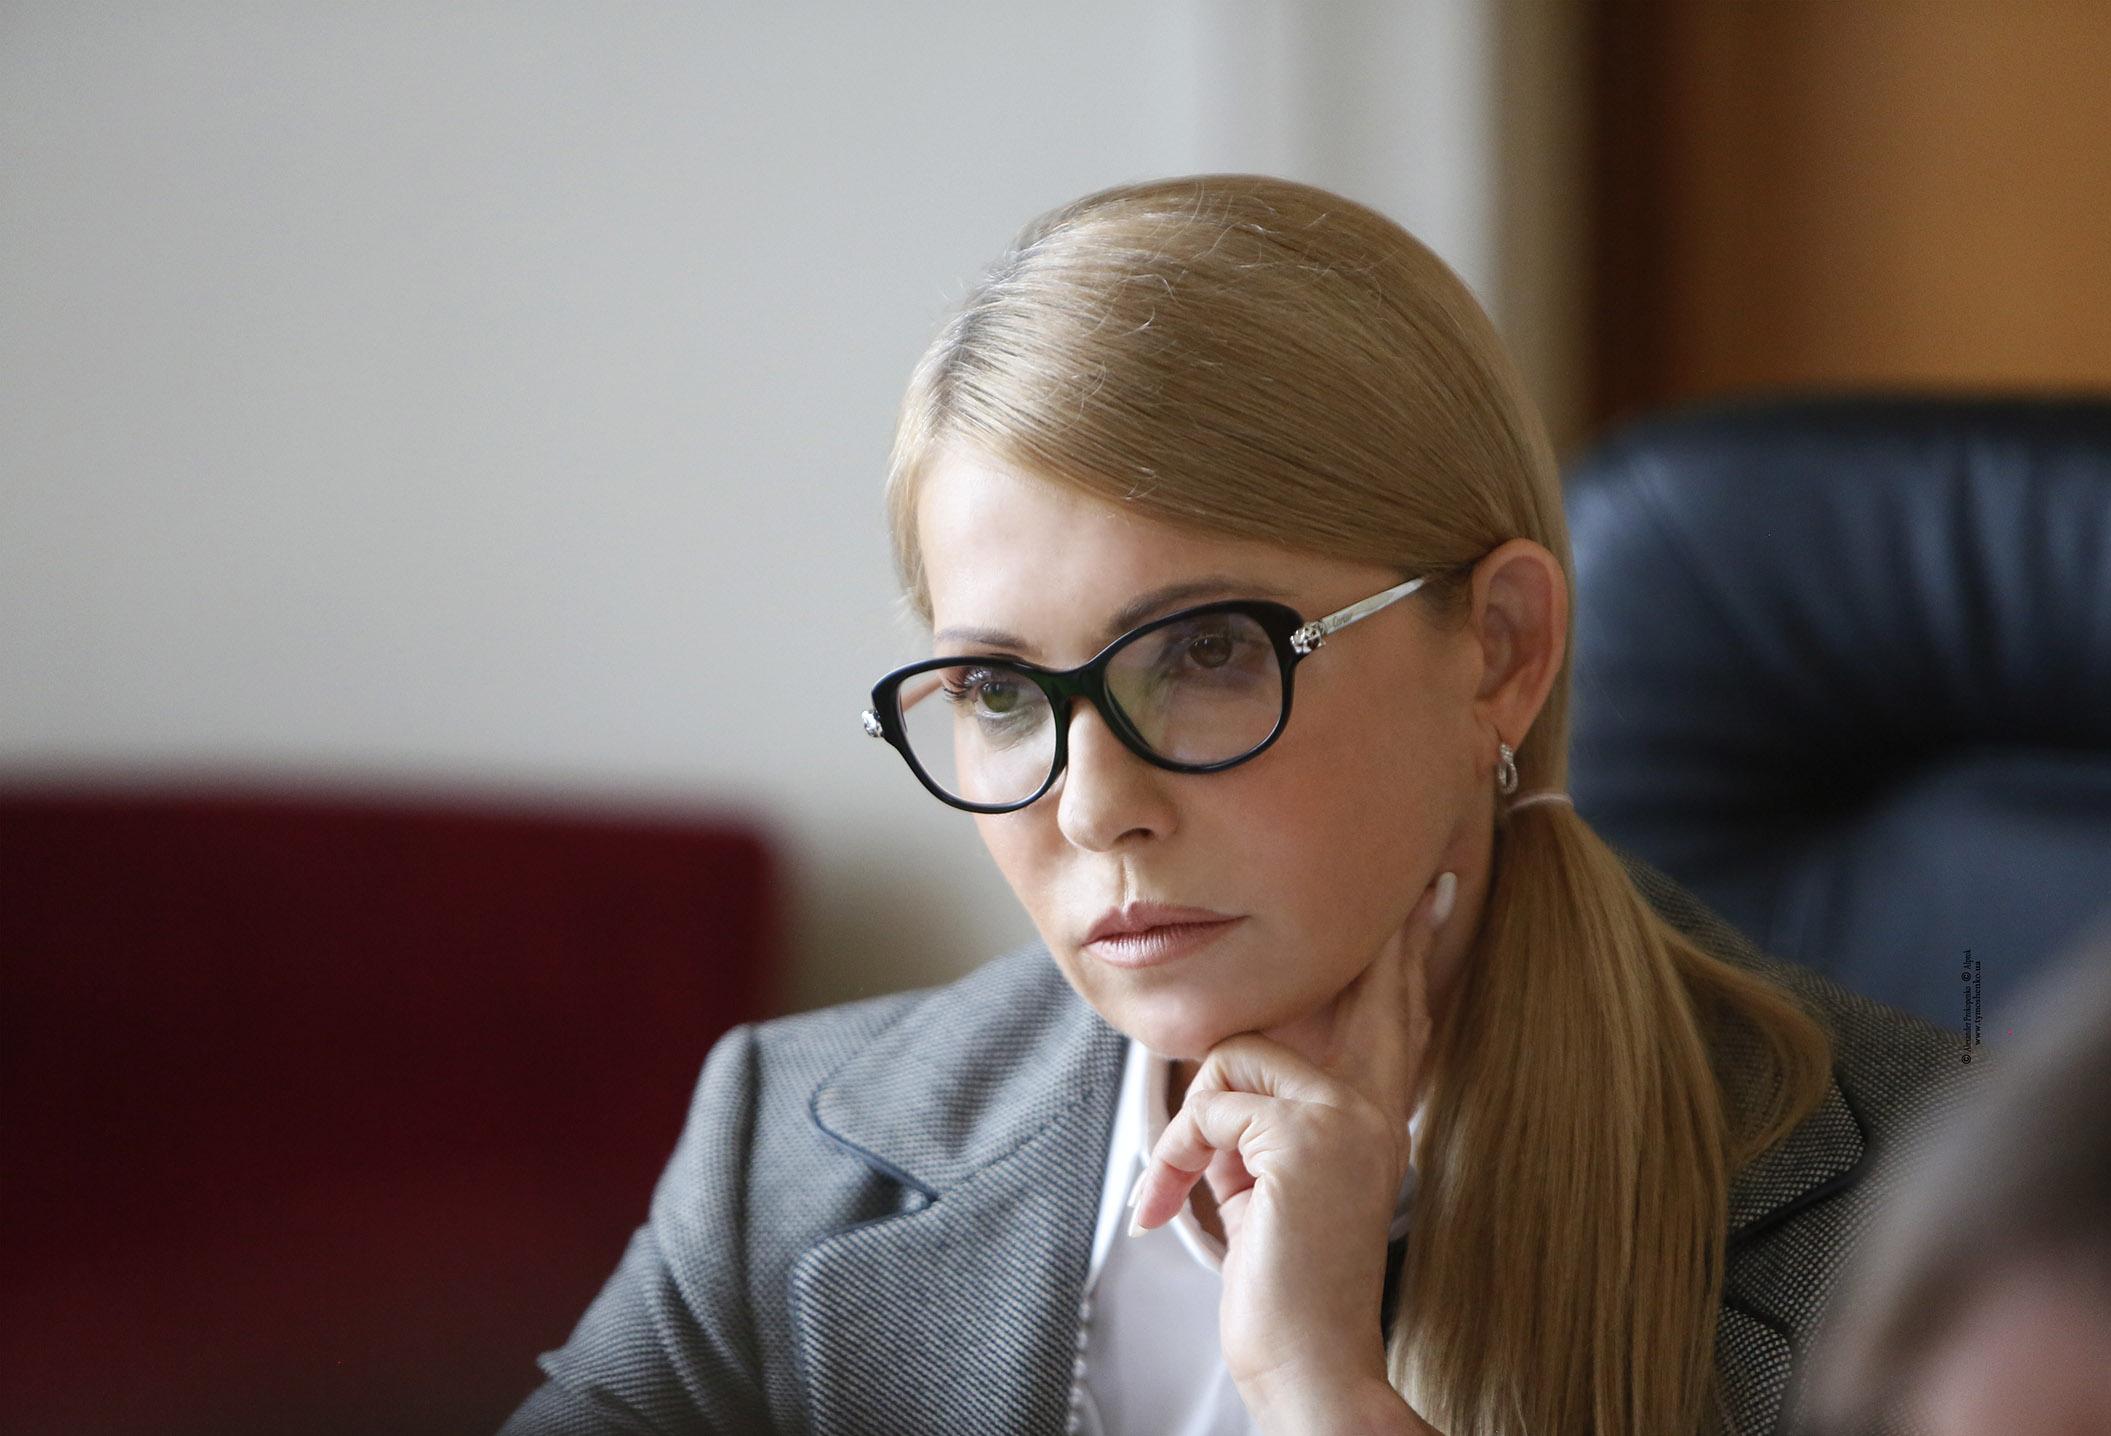 Юлия Тимошенко рассказала об отношениях с Россией, если станет президентом Украины